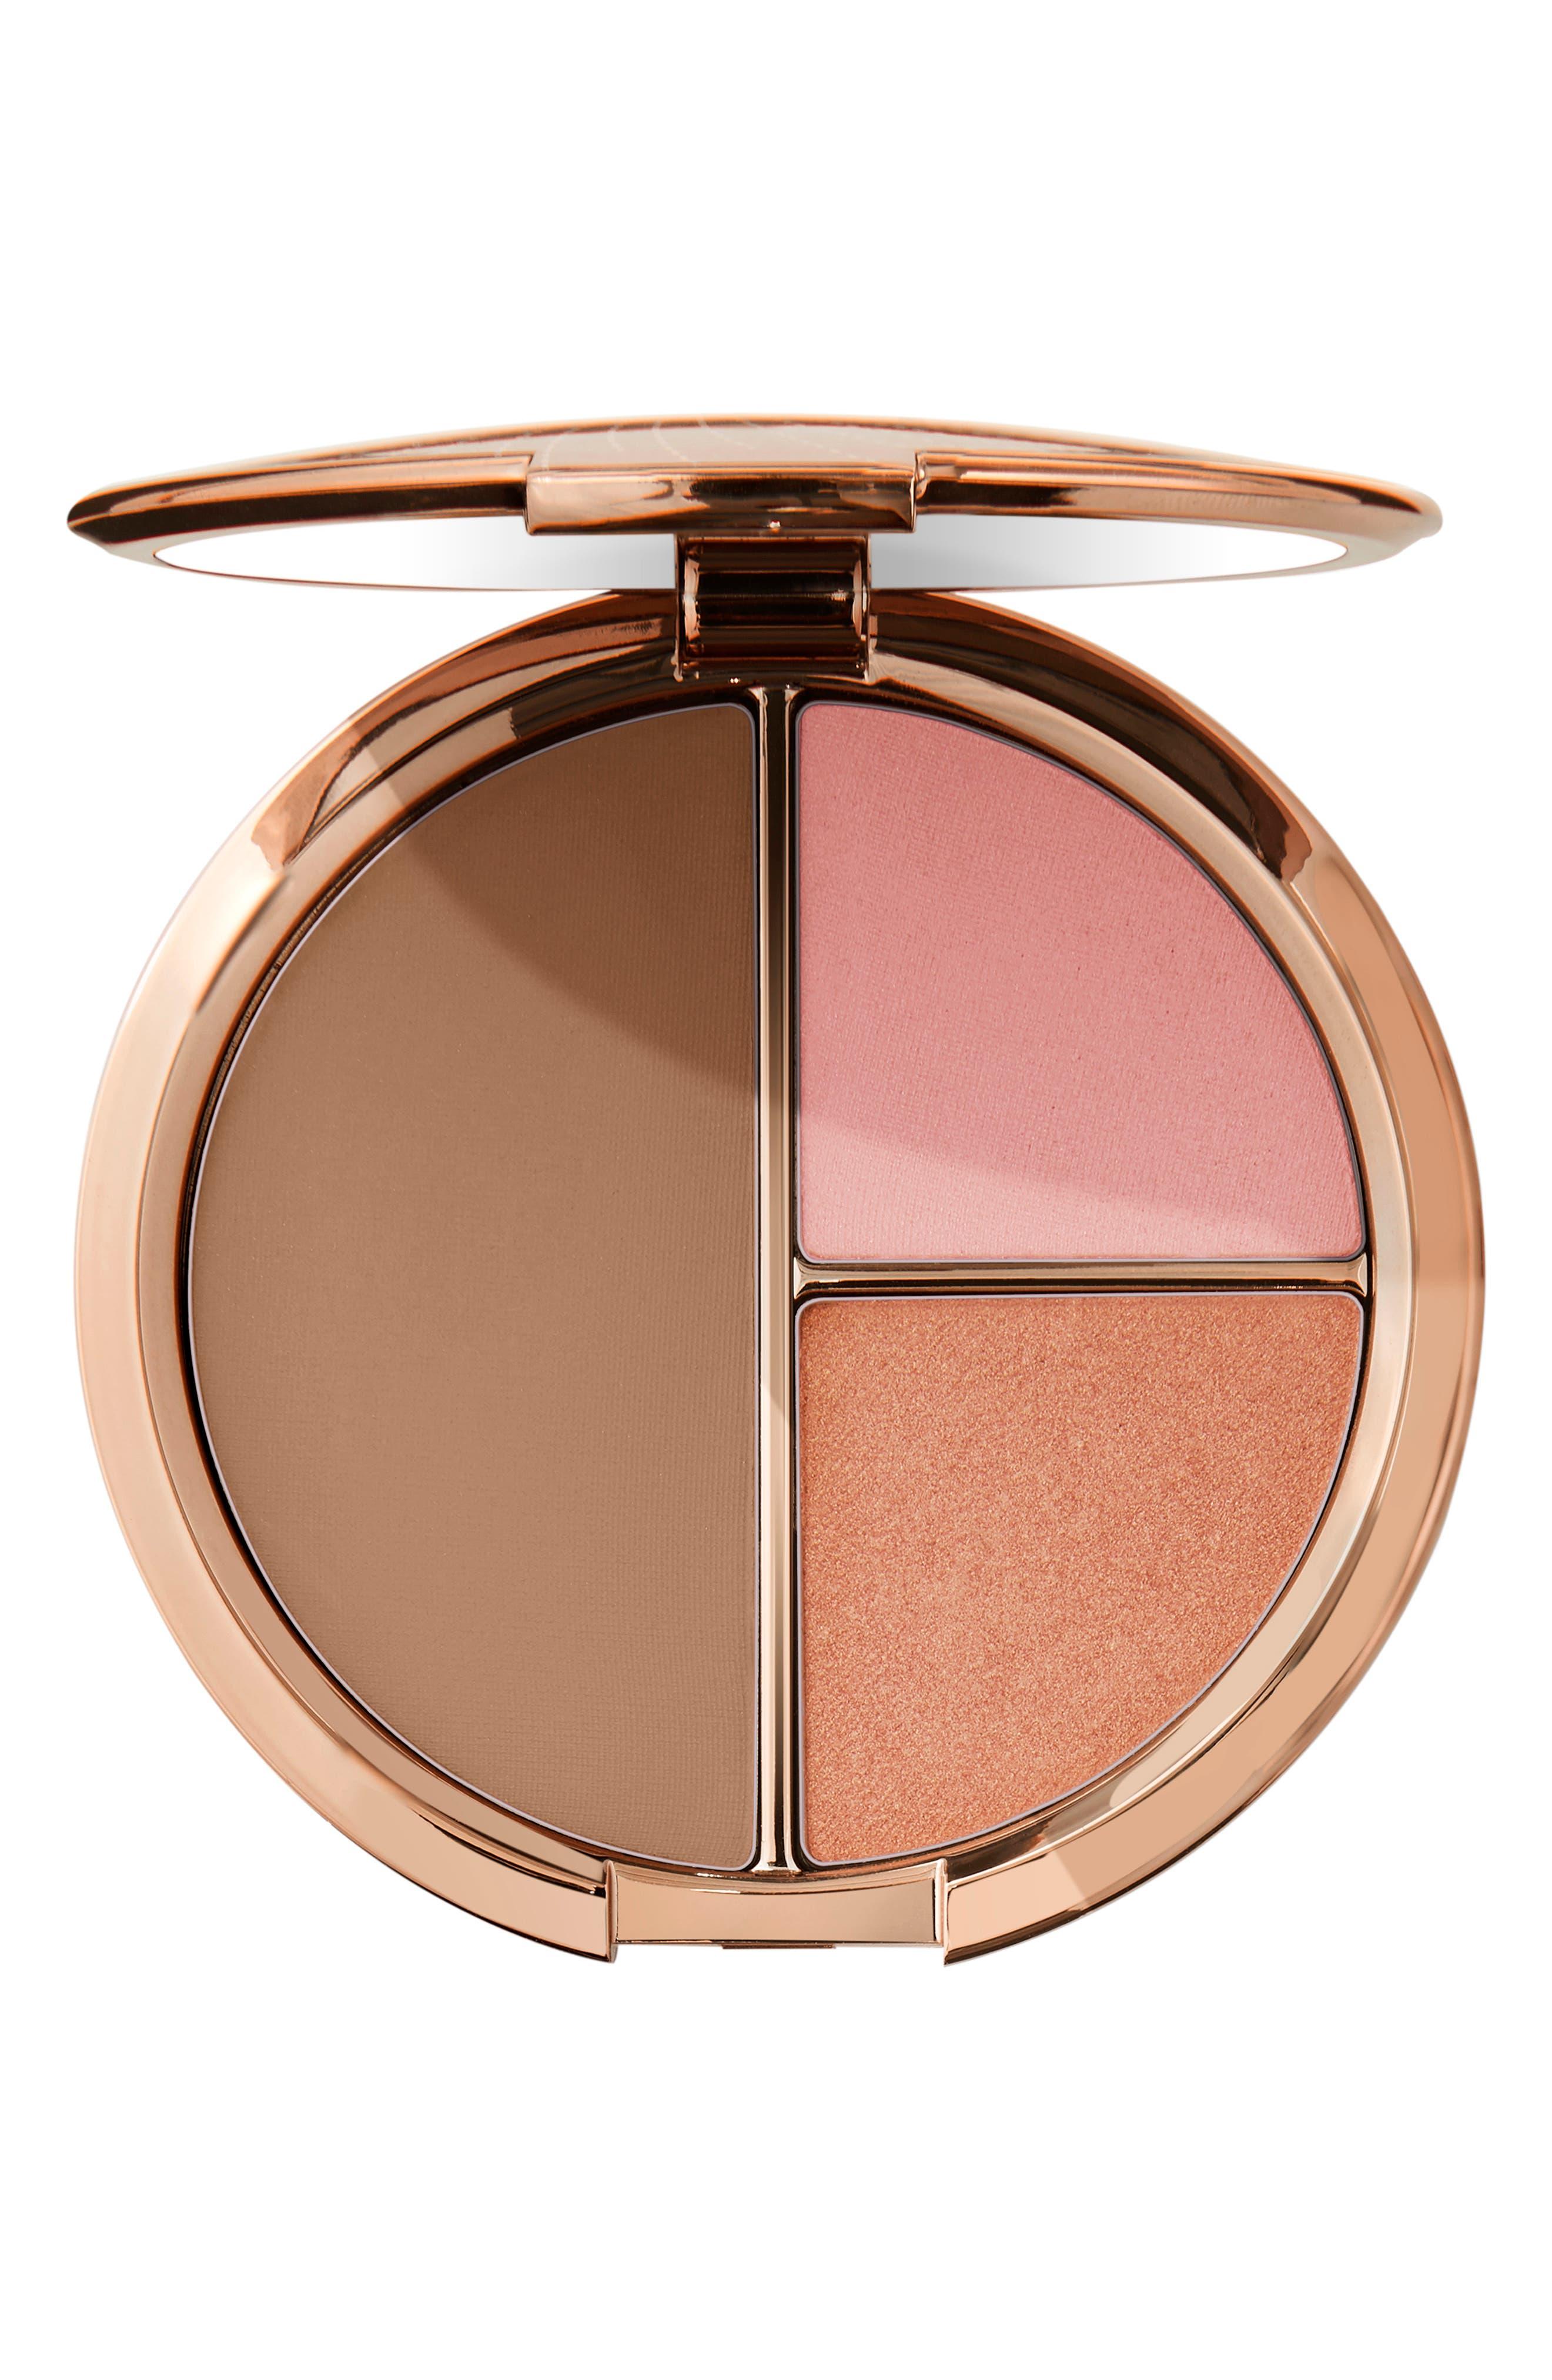 Face & Cheek Blush & Bronzer Palette